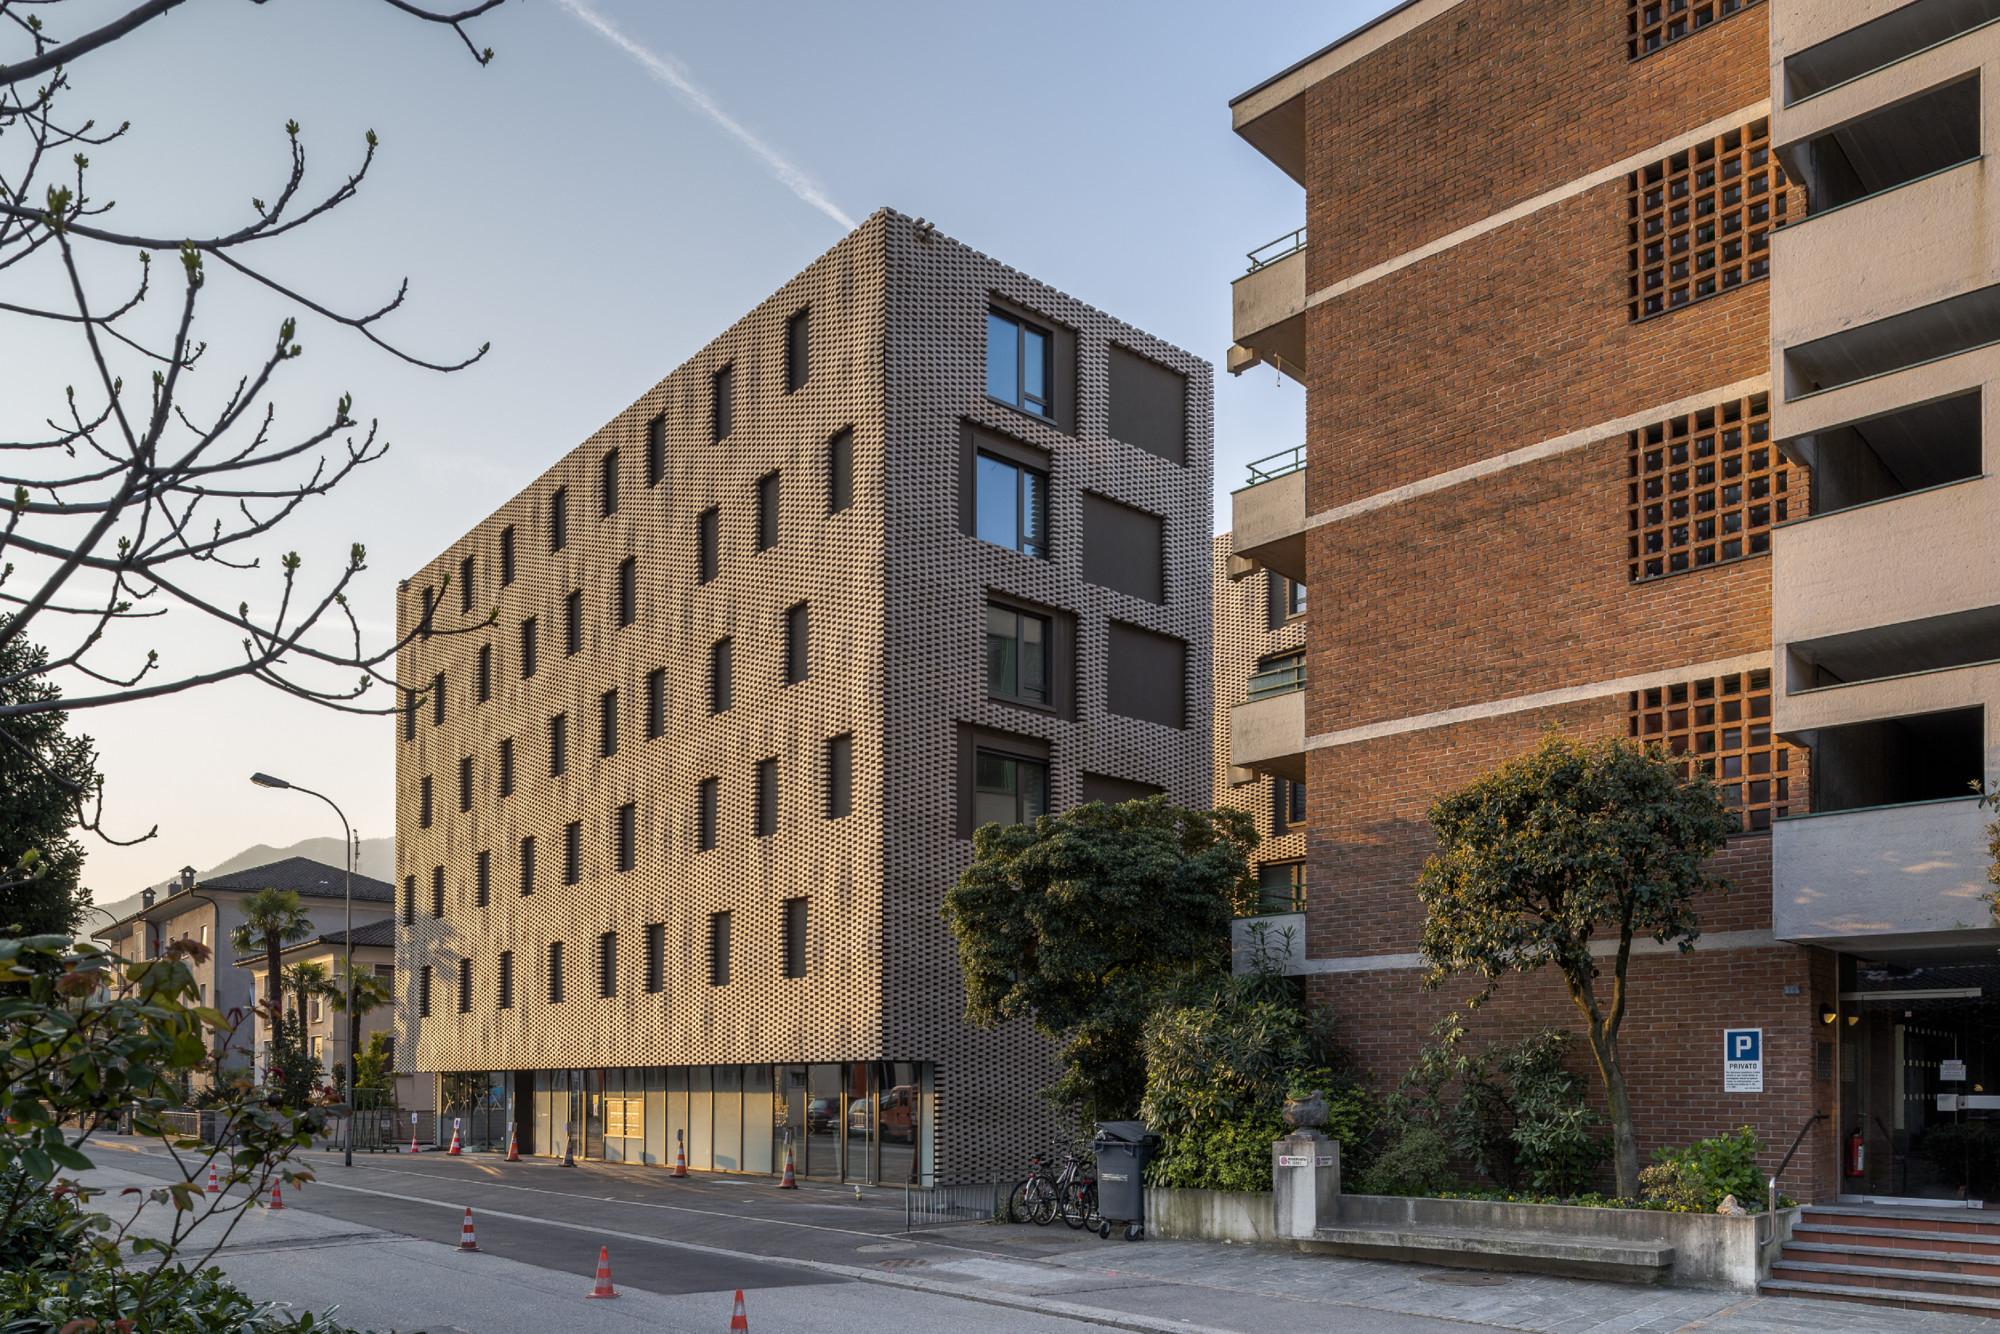 Wohnensemble le stelle di locarno mauerwerk wohnen mfh - Skelettbau architektur ...